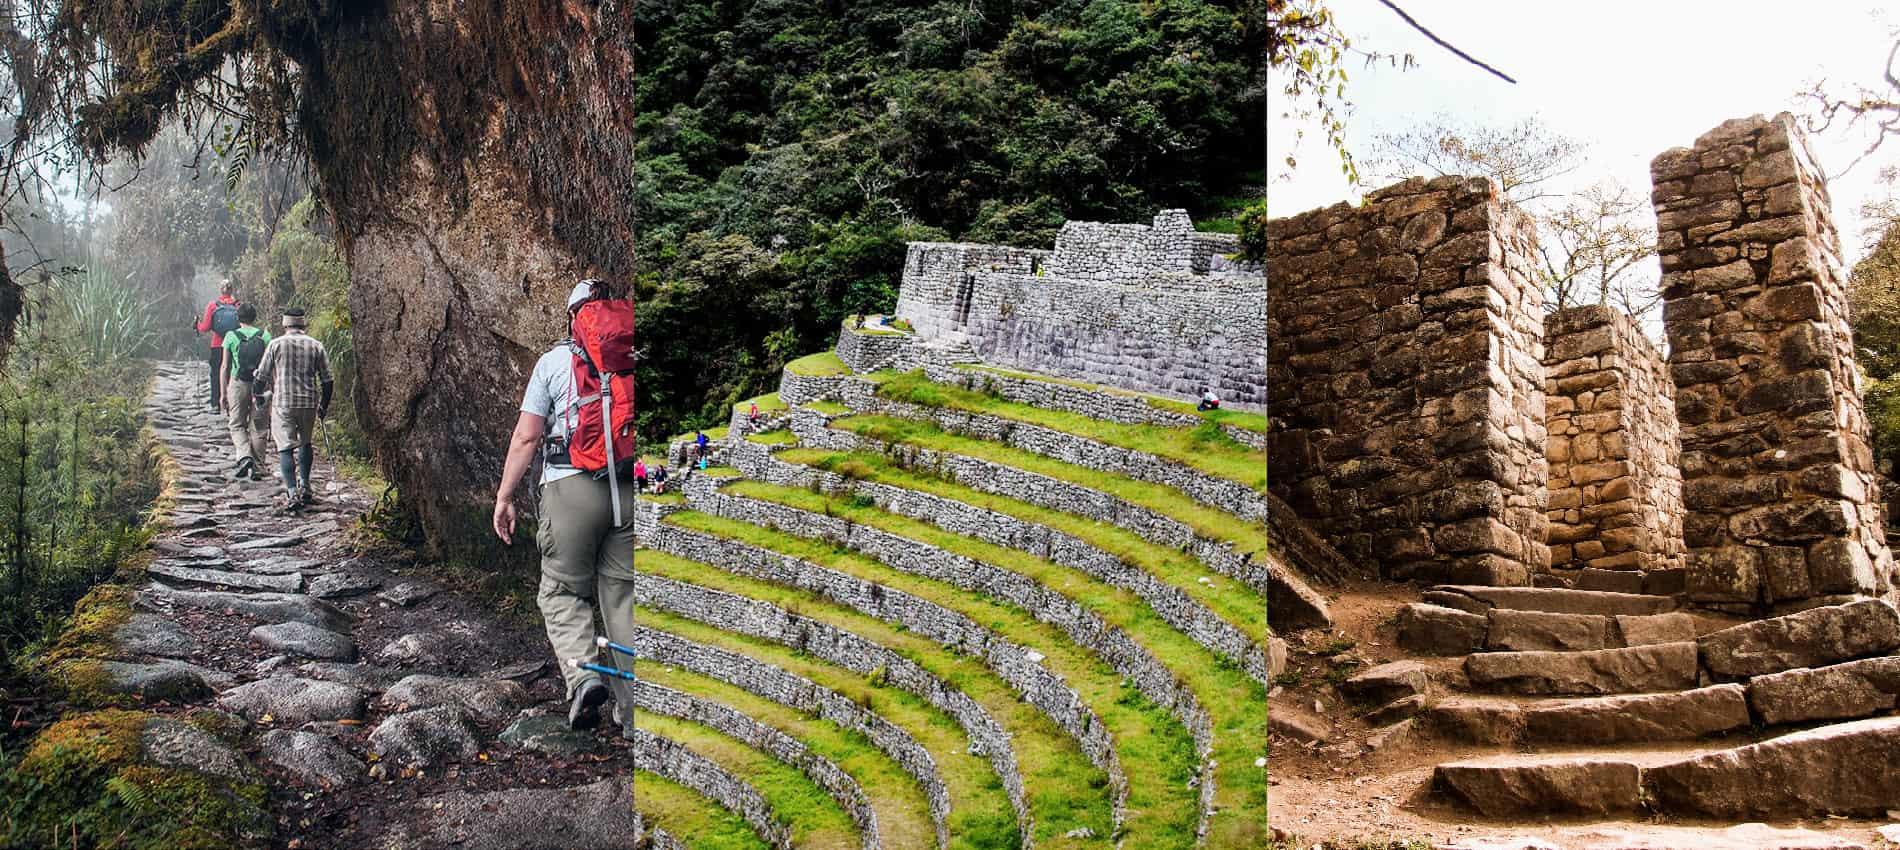 classi inca trail to machu picchu travel guide